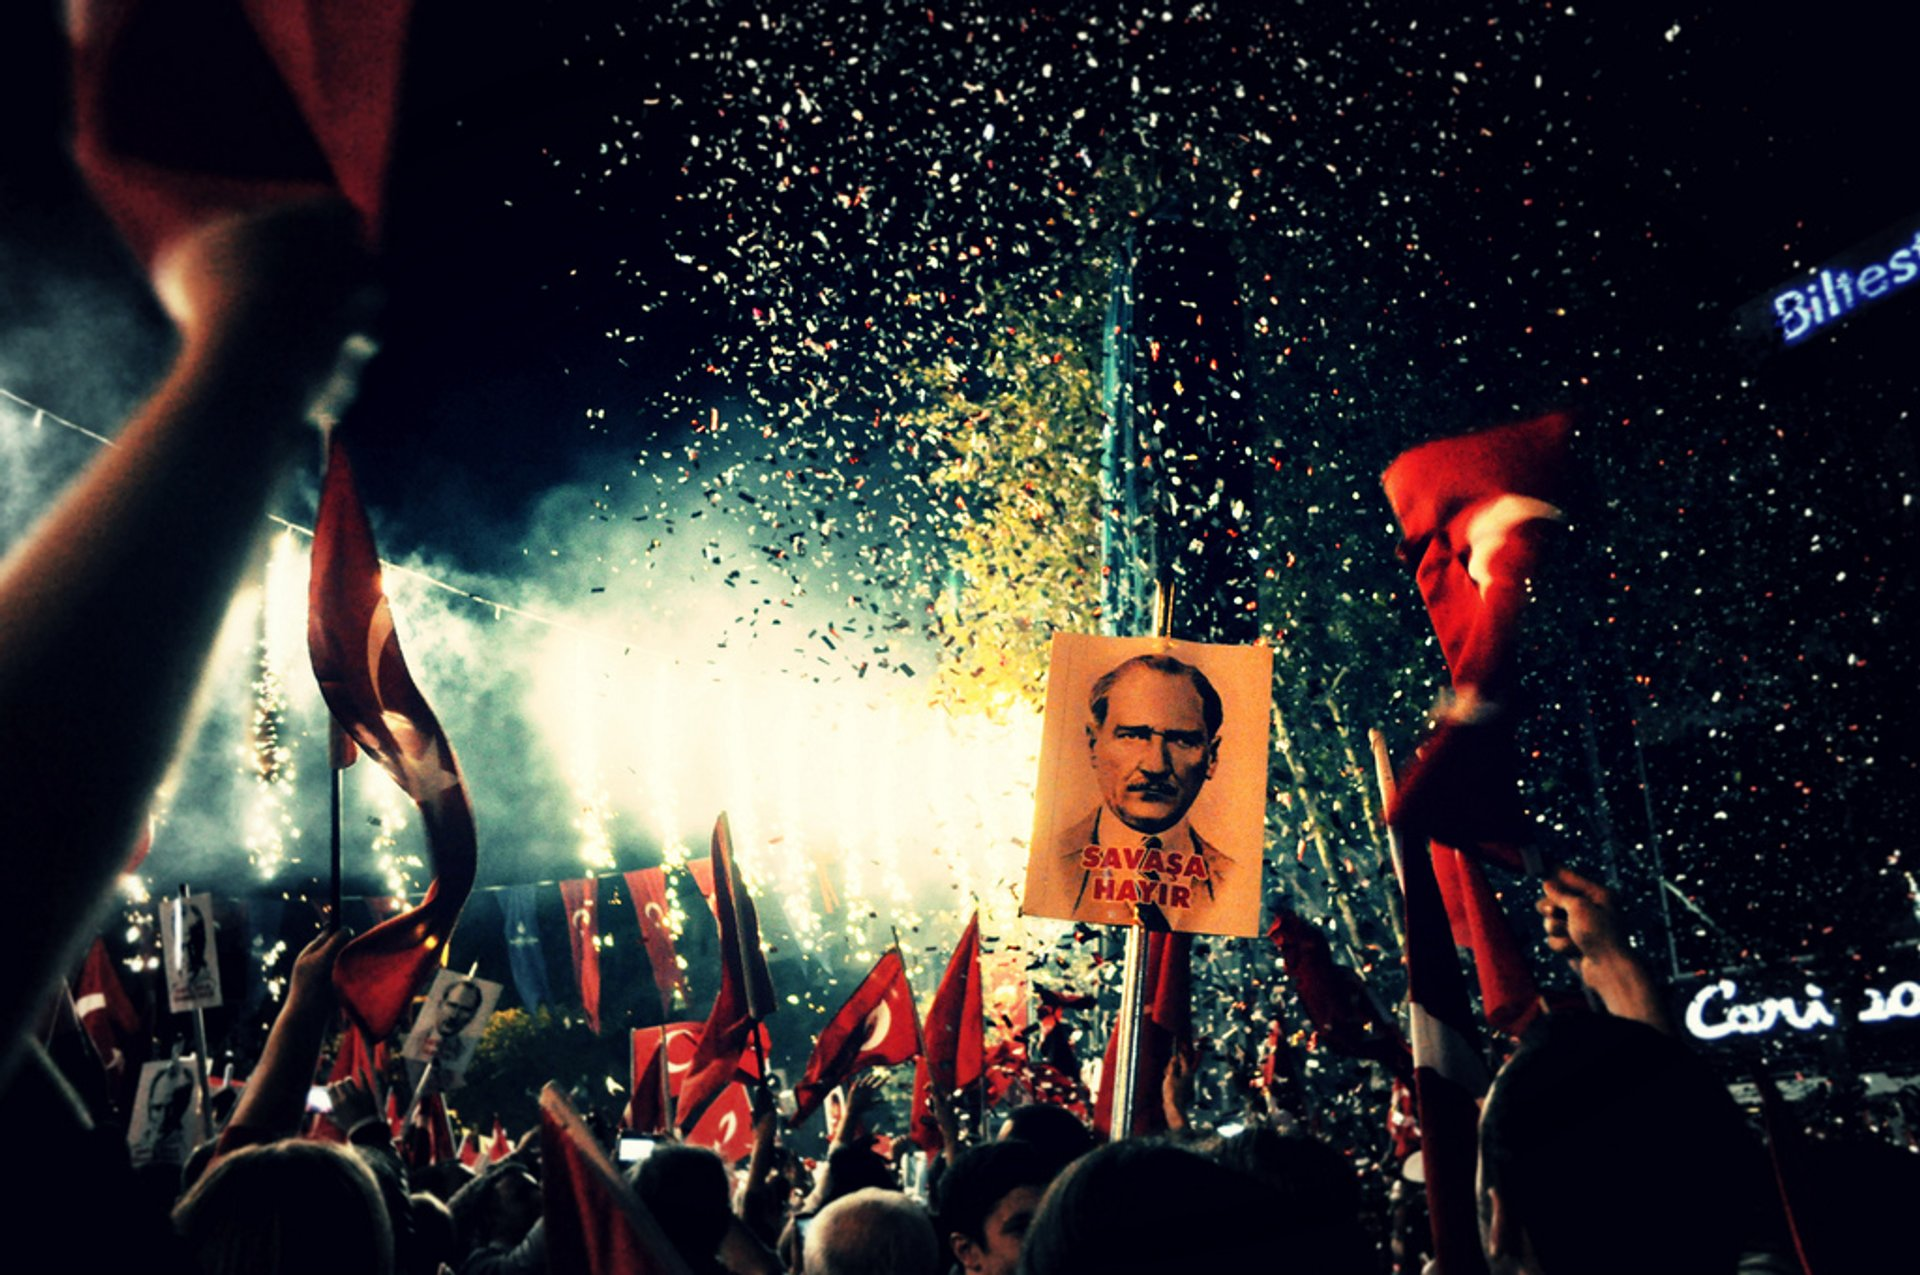 Cumhuriyet Bayramı or Republic Day in Istanbul - Best Season 2019